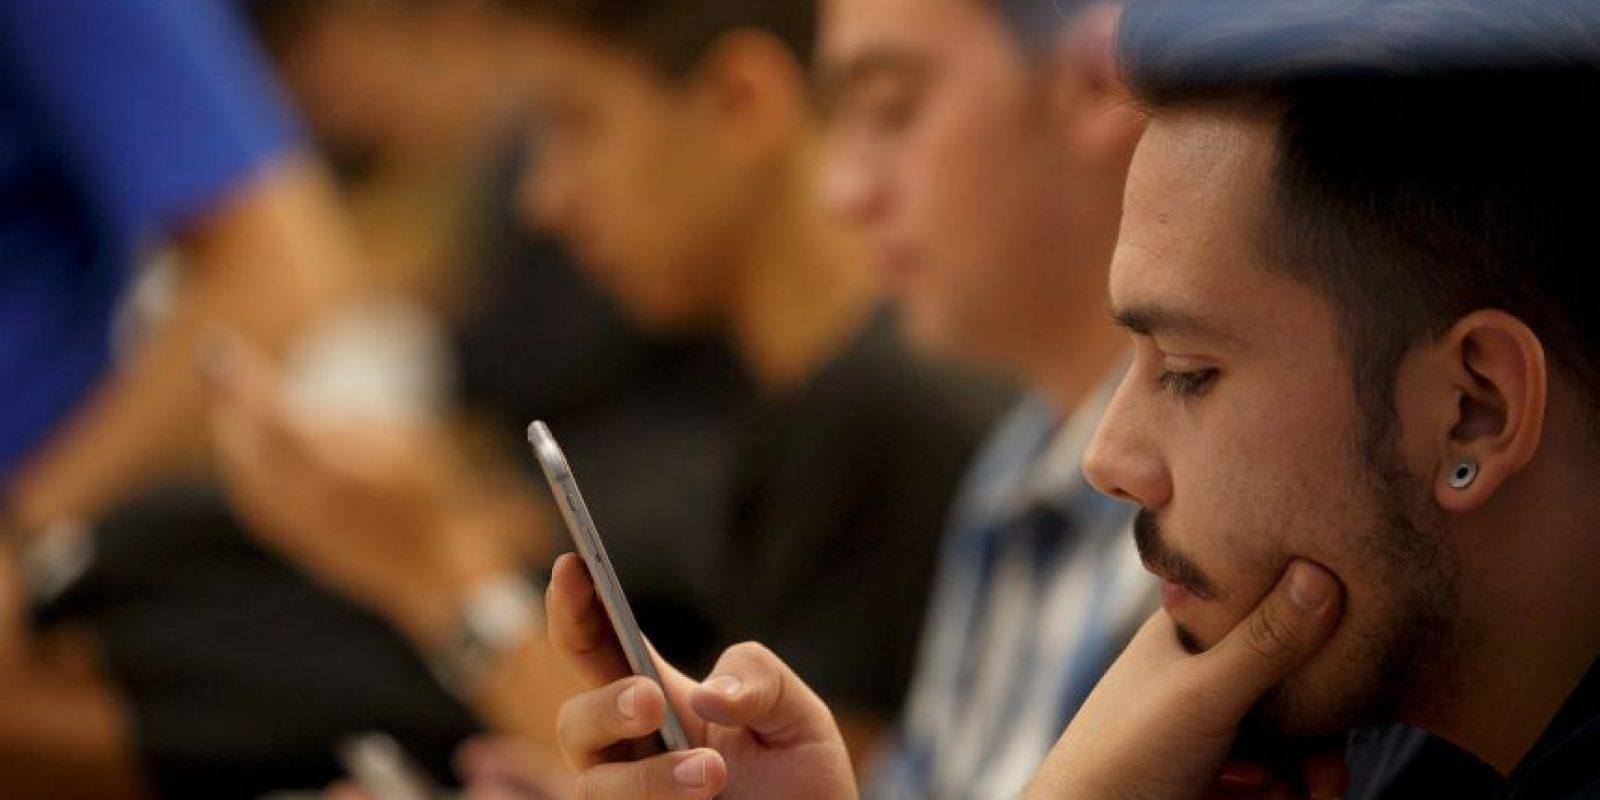 Al respecto, investigadores de la Universidad de Missouri (MU) encontraron que el separarnos del celular puede causar graves efectos psicológicos y fisiológicos en los usuarios Foto:Getty Images